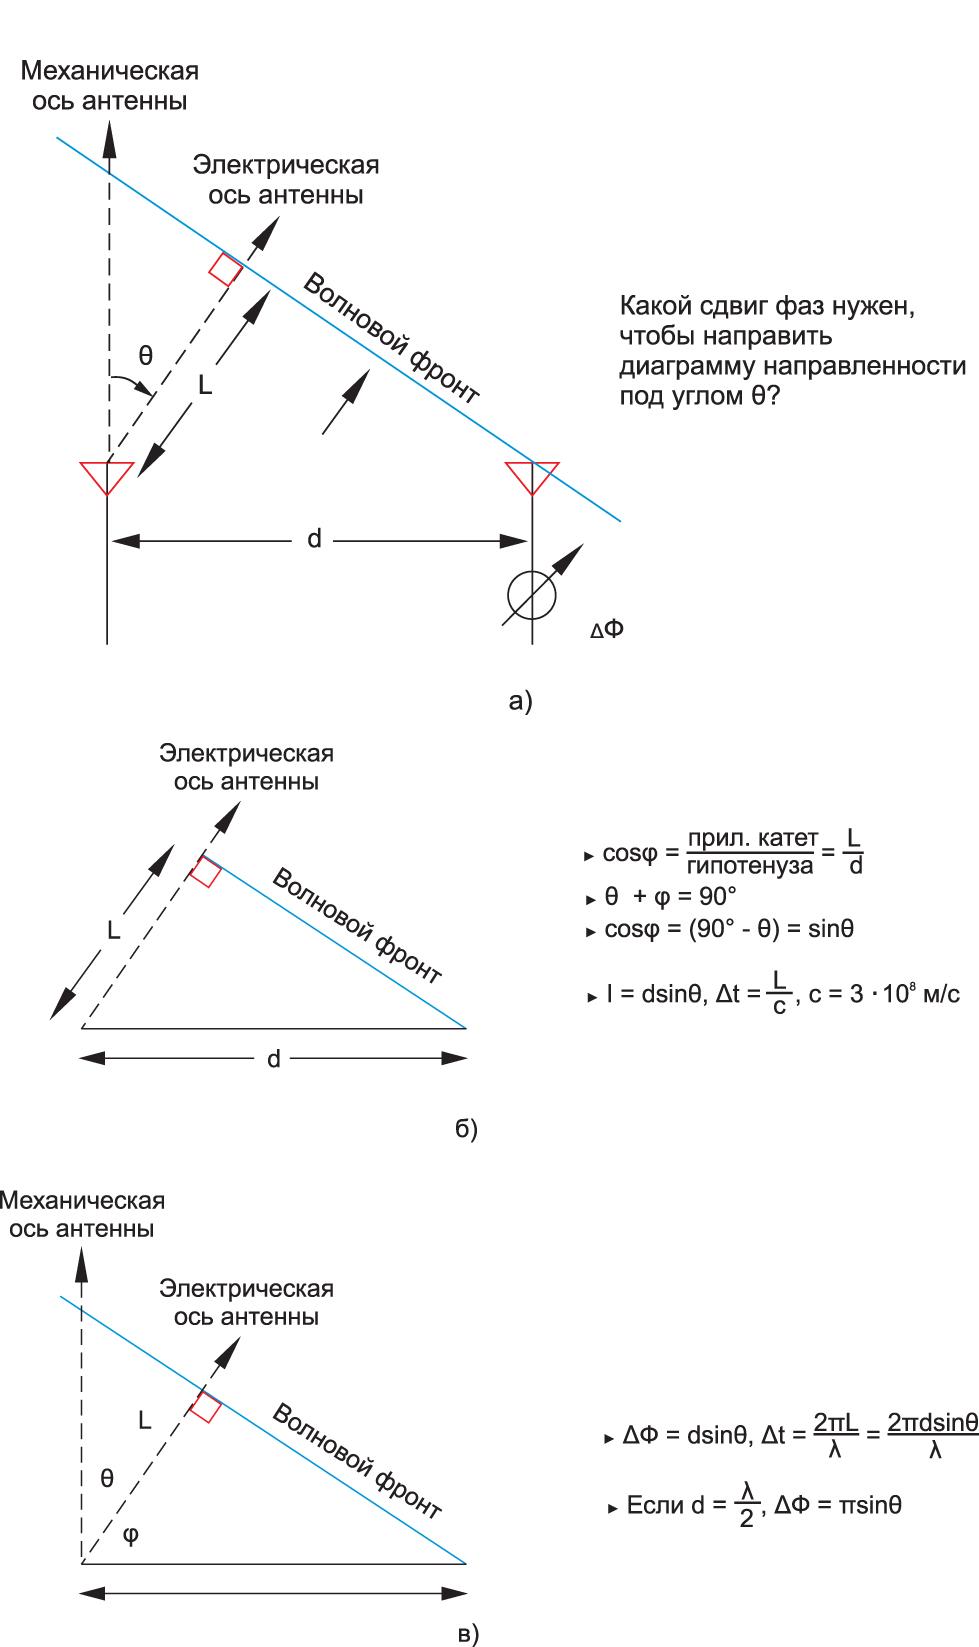 Принцип появления разности фаз ΔΦ между антенными элементами